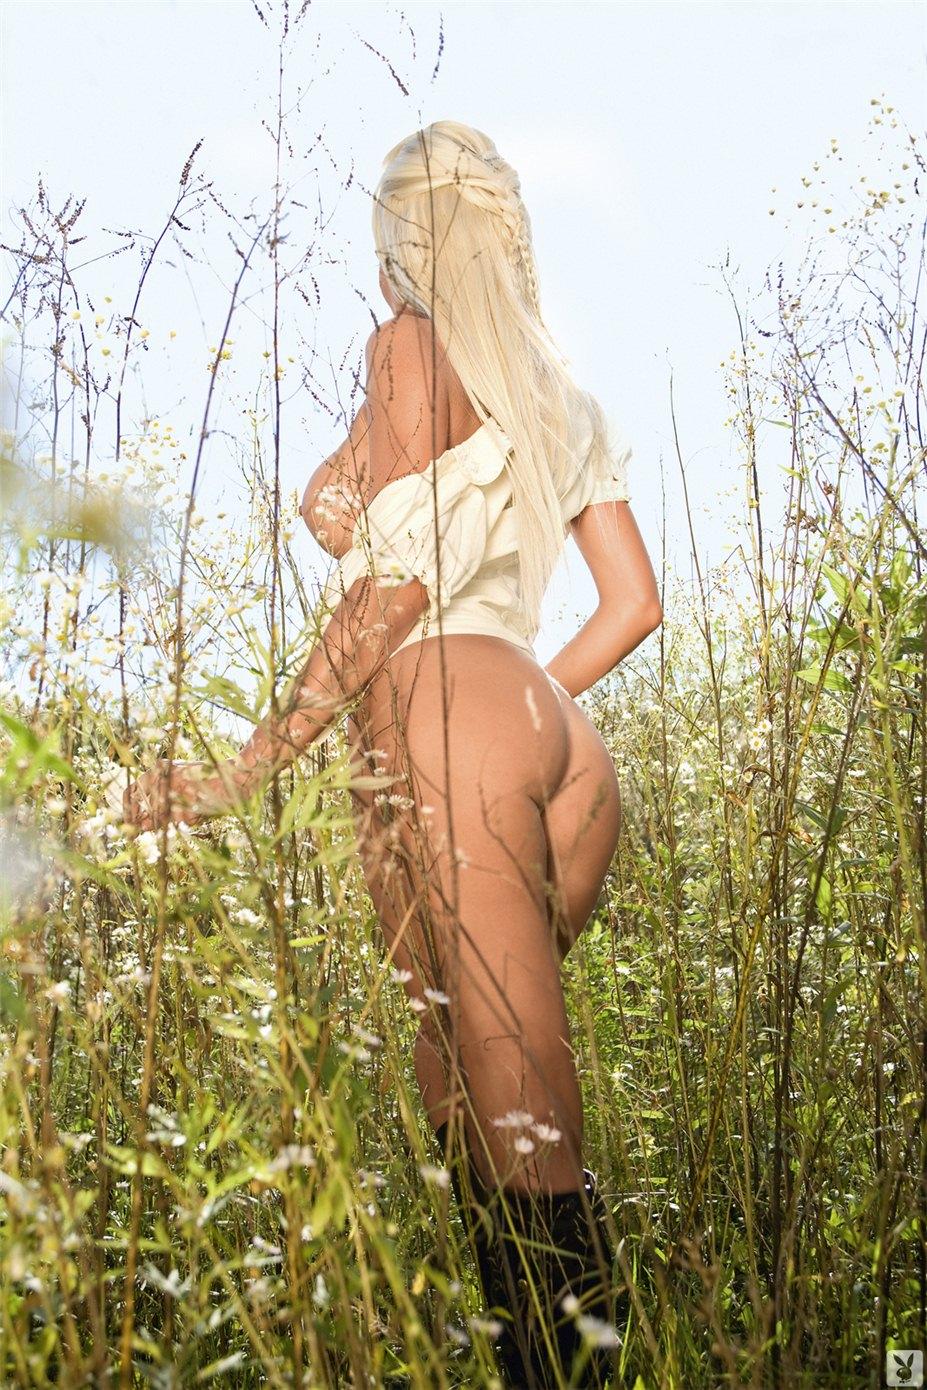 Ass of the World / Rear View - Playboy - самые красивые попы